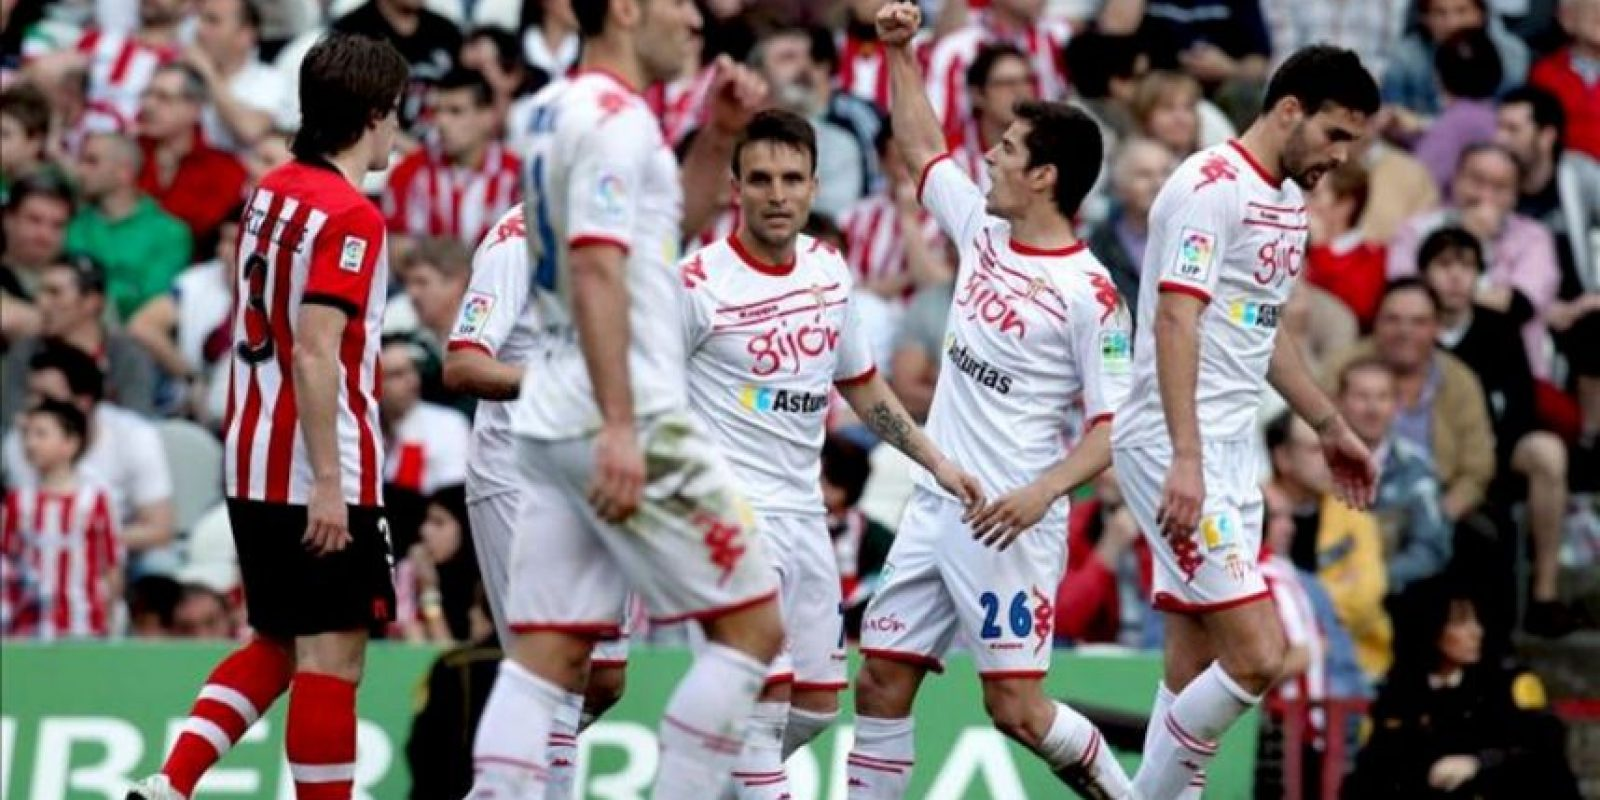 Los jugadores del Sporting de Gijón celebran el gol del empate ante el Athletic de Bilbao durante el partido, correspondiente a la trigésima jornada de Liga de Primera División, que han disputado ambos equipos en el estadio de San Mamés. EFE